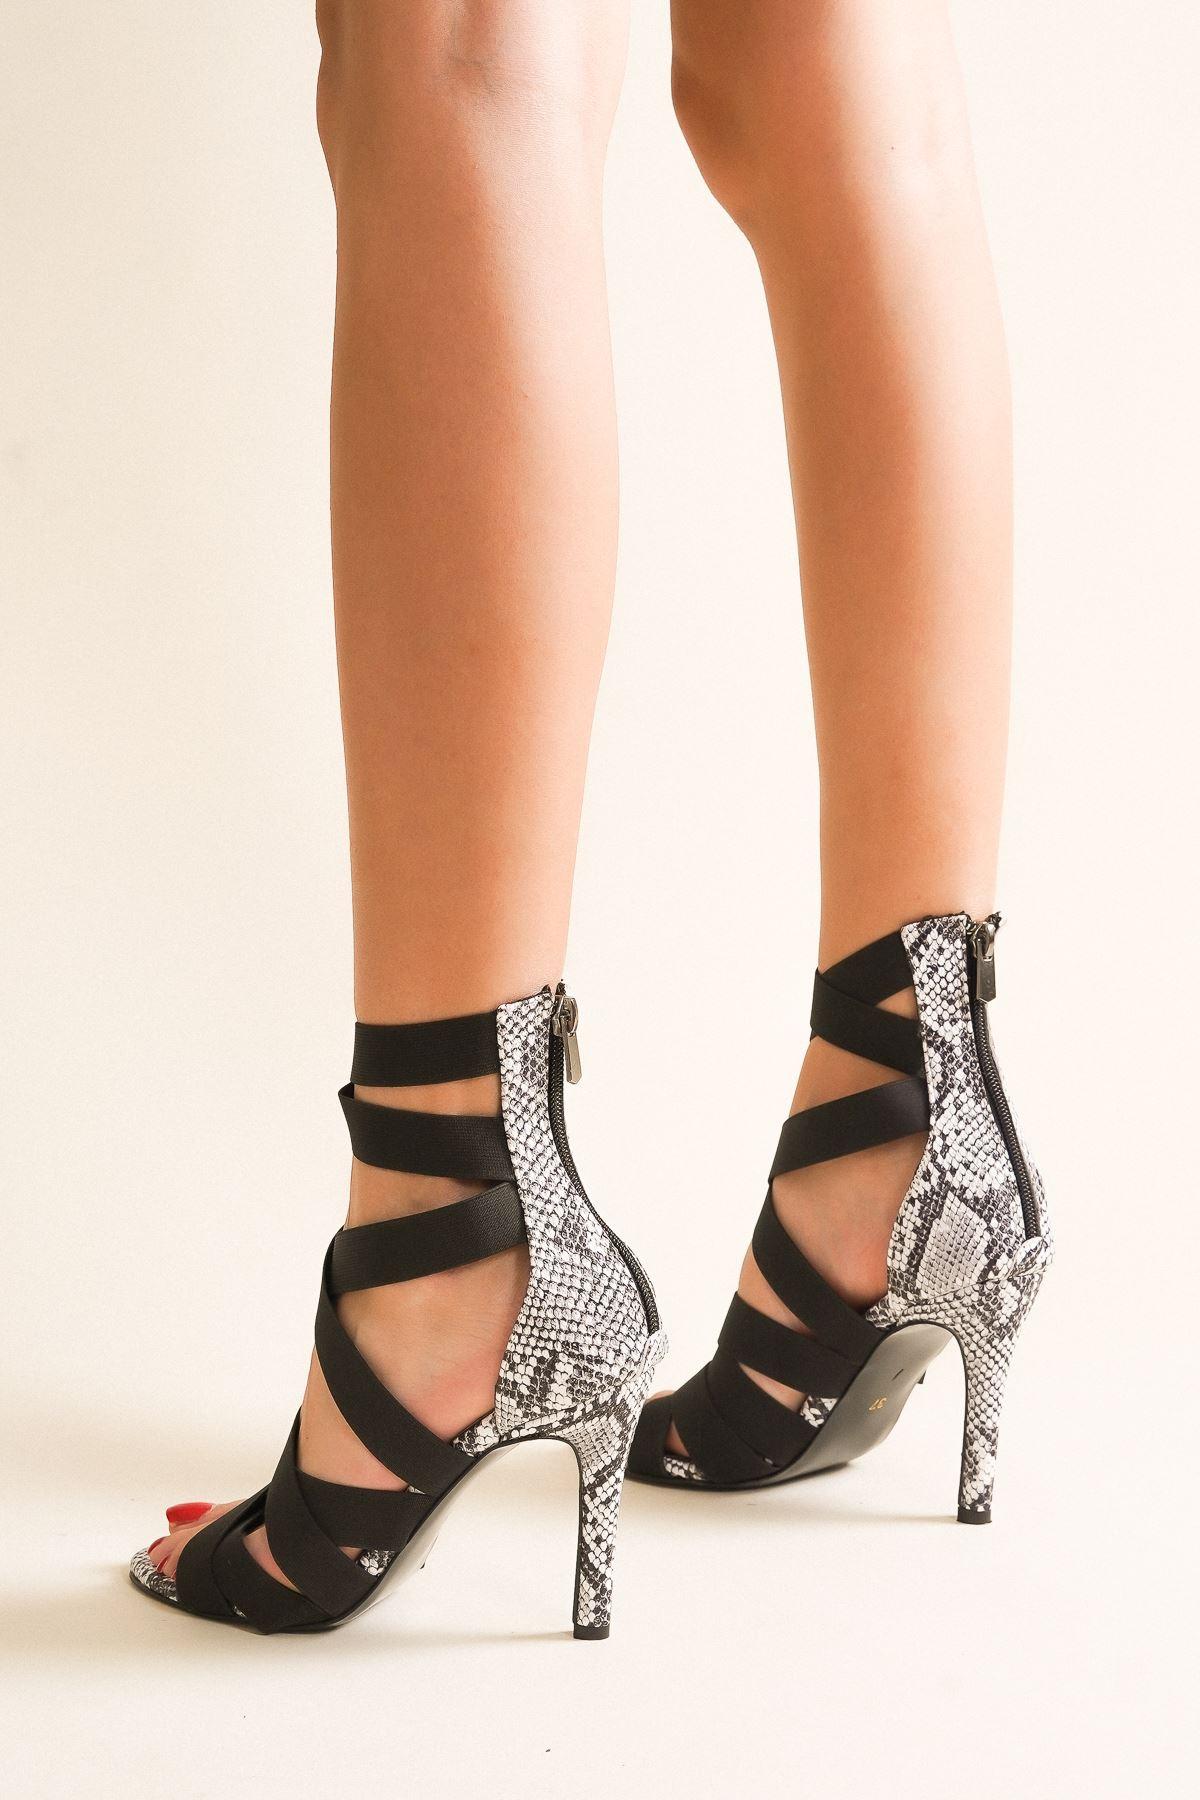 Rasha Siyah Yılan Lastikli Topuklu Ayakkabı